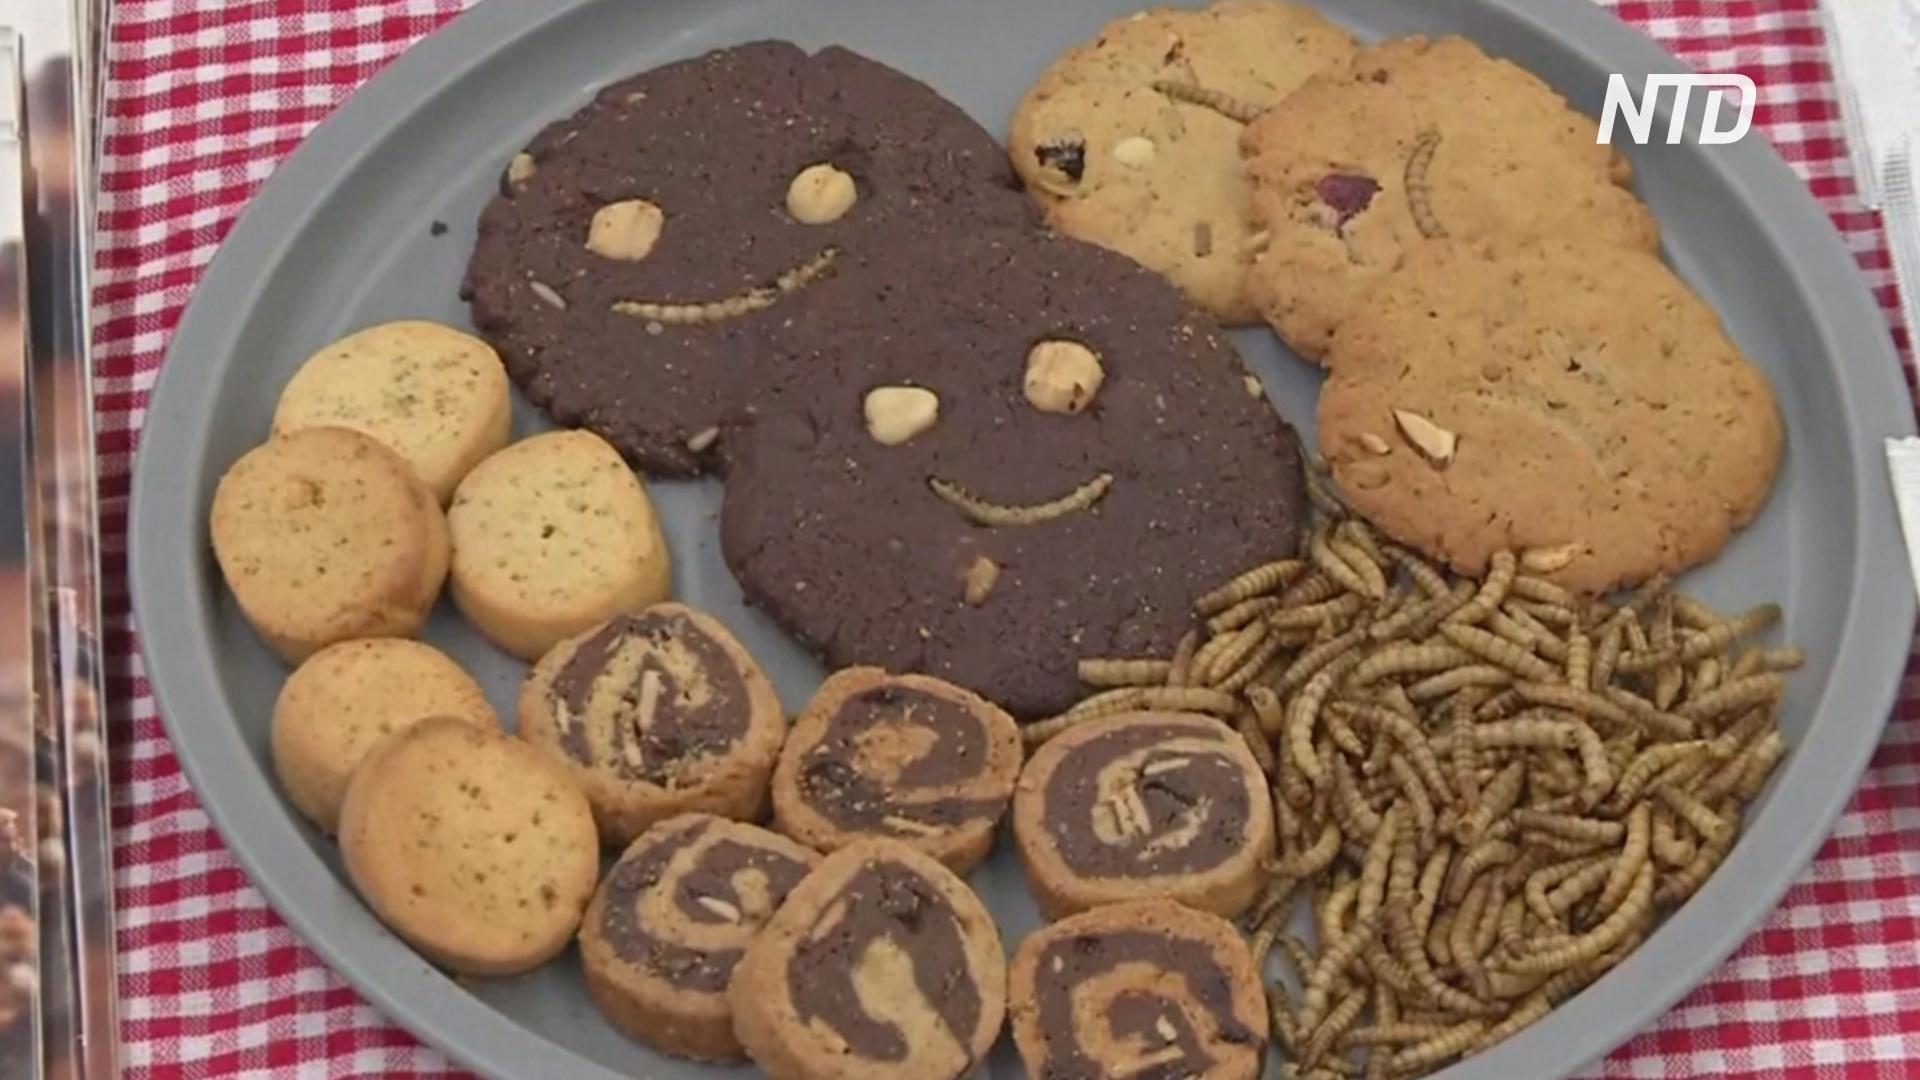 В Евросоюзе одобрили употребление в пищу мучных червей